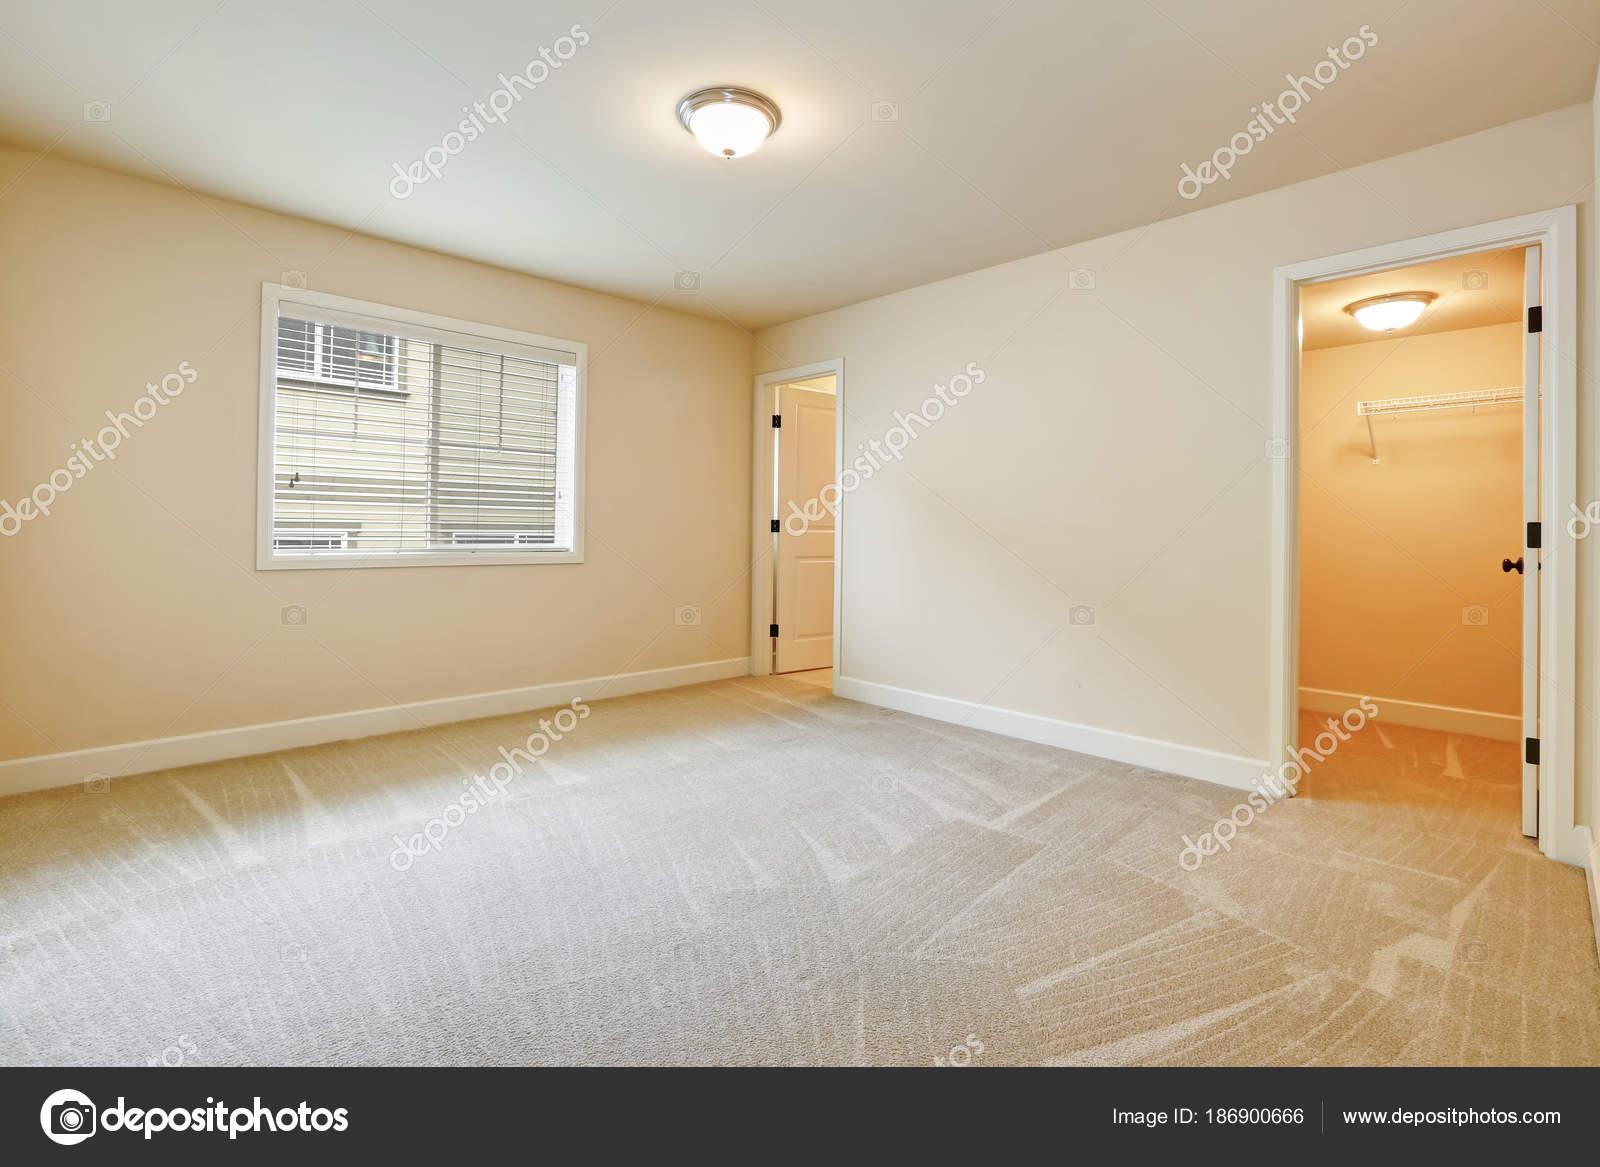 Interni di luce camera da letto vuota nei toni del beige — Foto ...